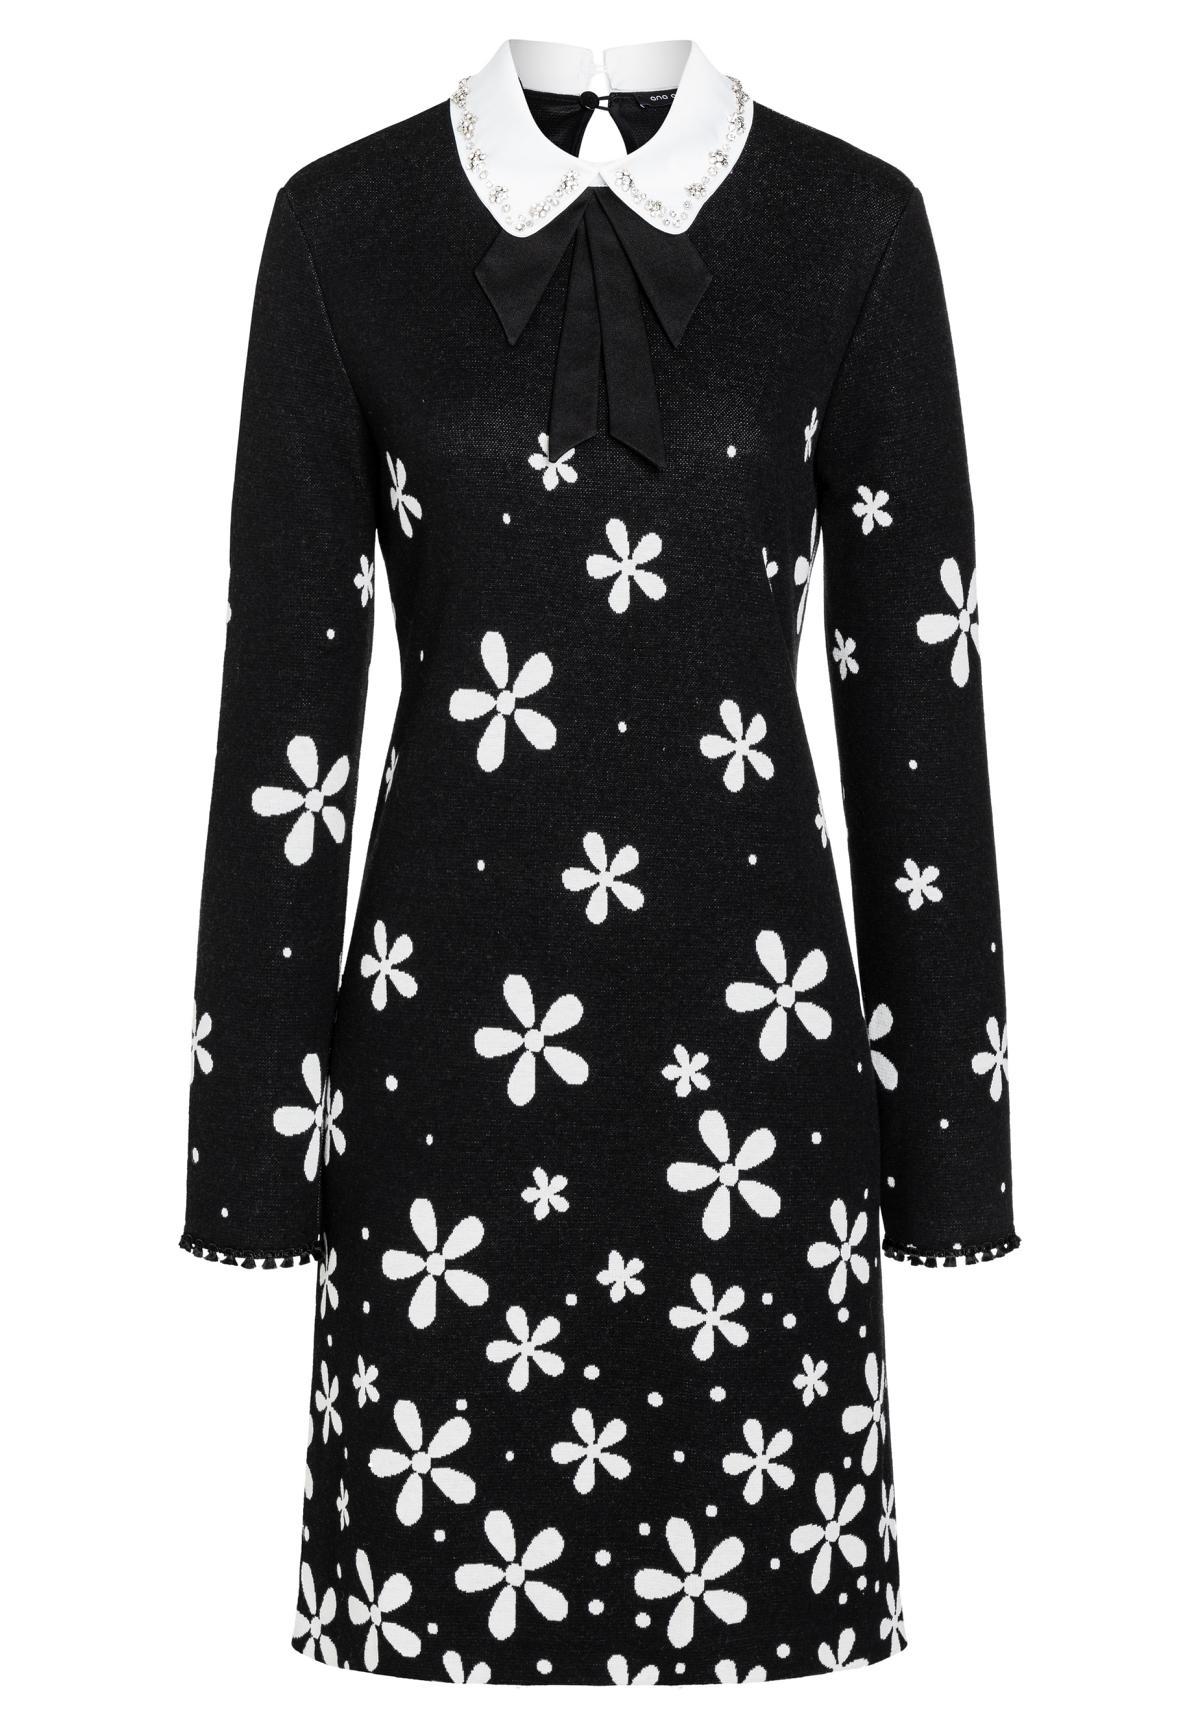 schwarz-weißes kleid bela mit zierkragen & blumenmuster | ana alcazar